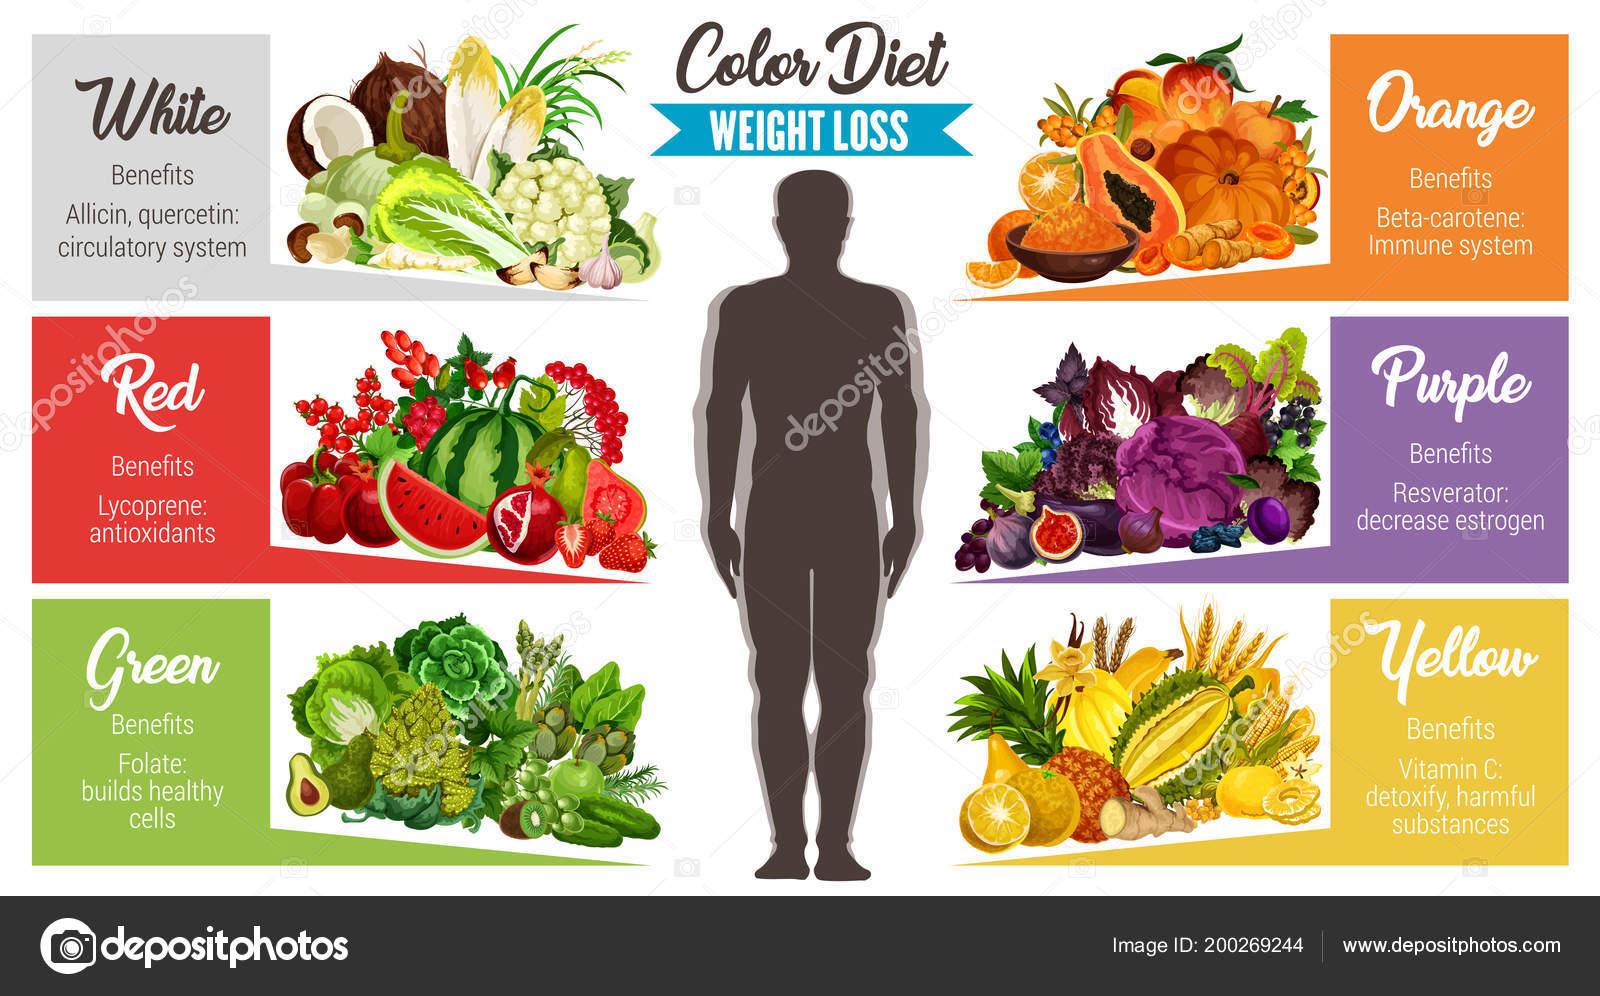 una alimentacion saludable para bajar de peso